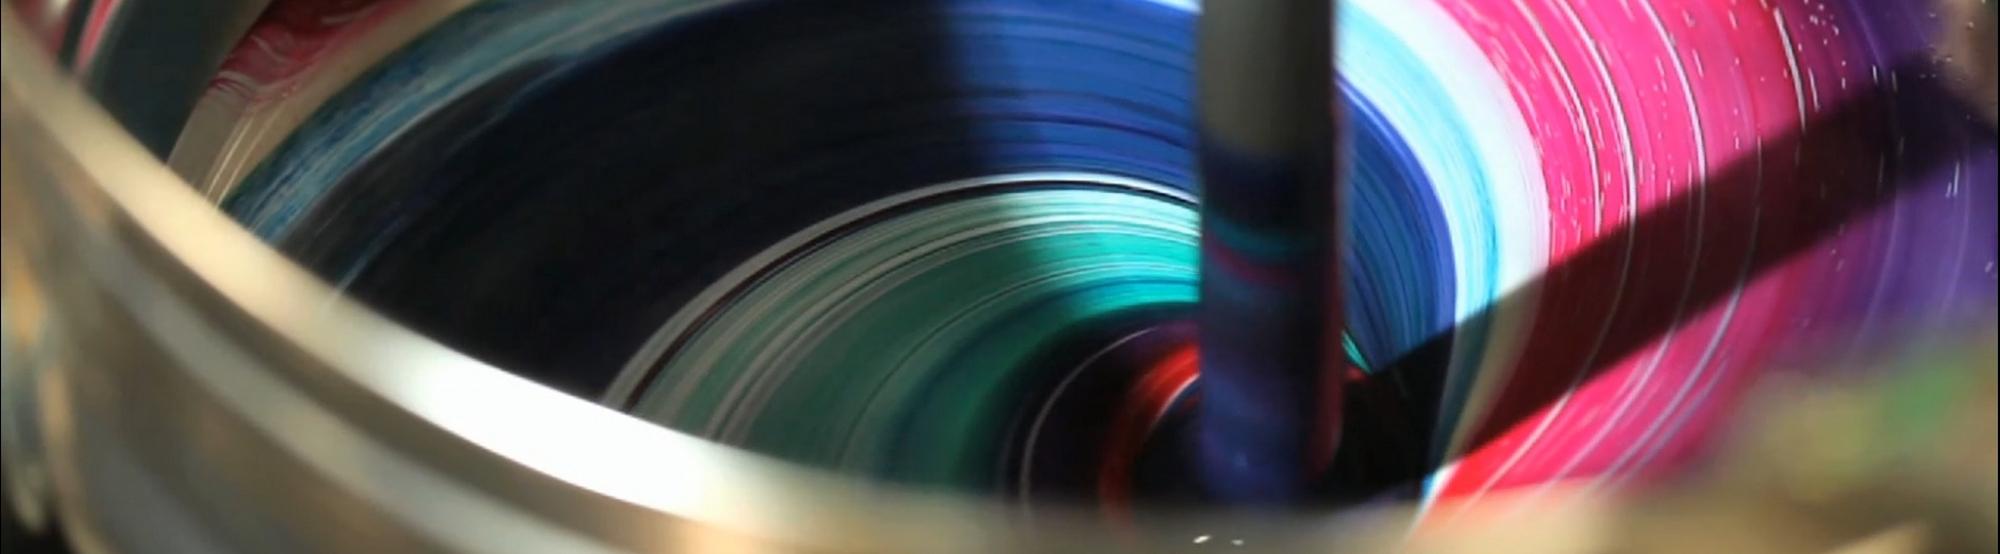 Rührwerk-Slider-Füll